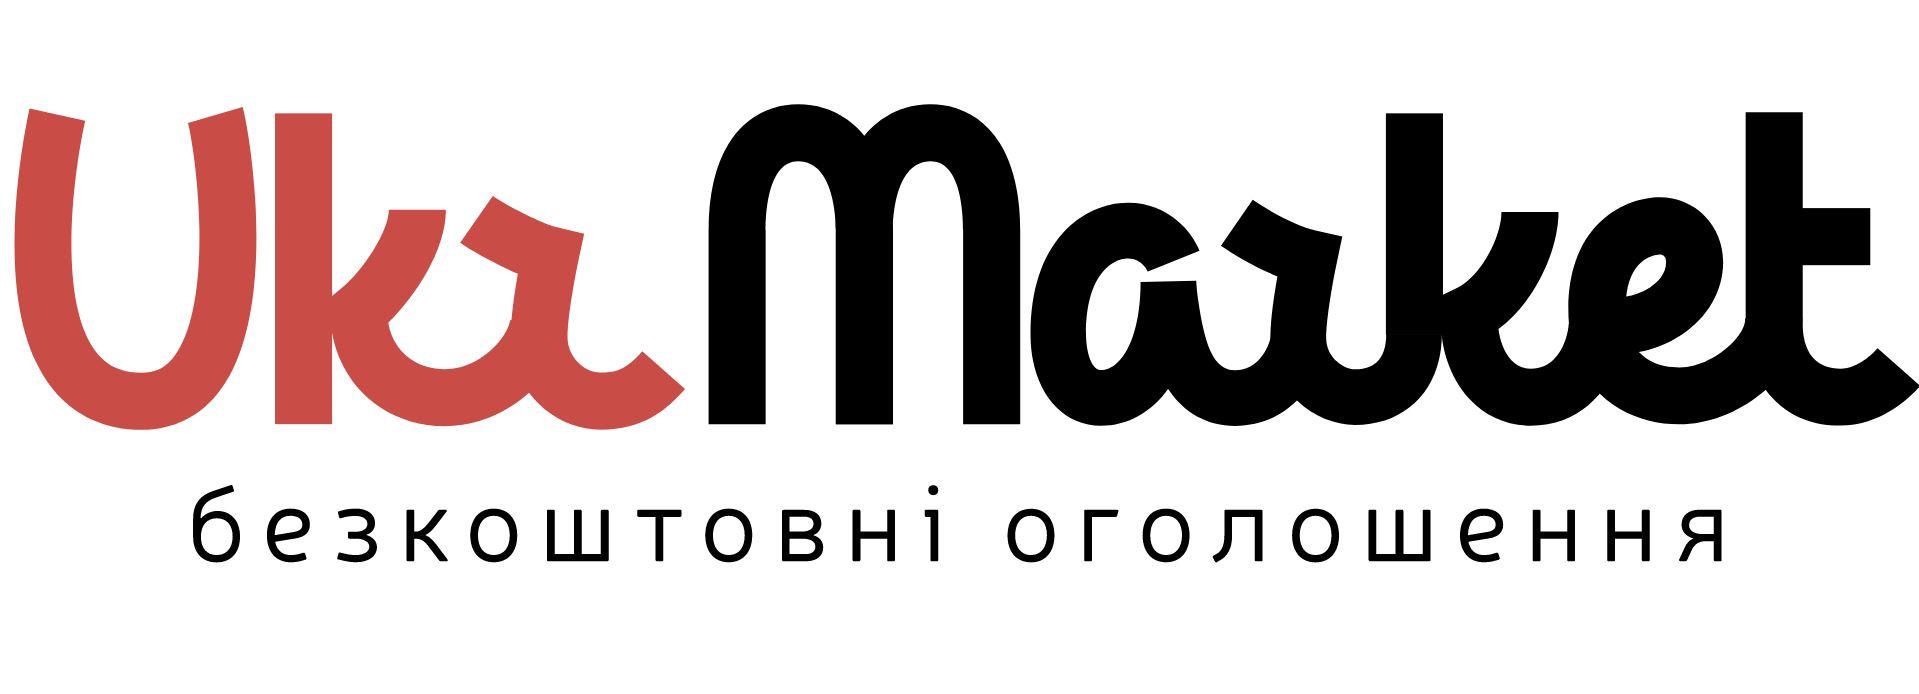 Доска бесплатных уникальных объявлений Украины